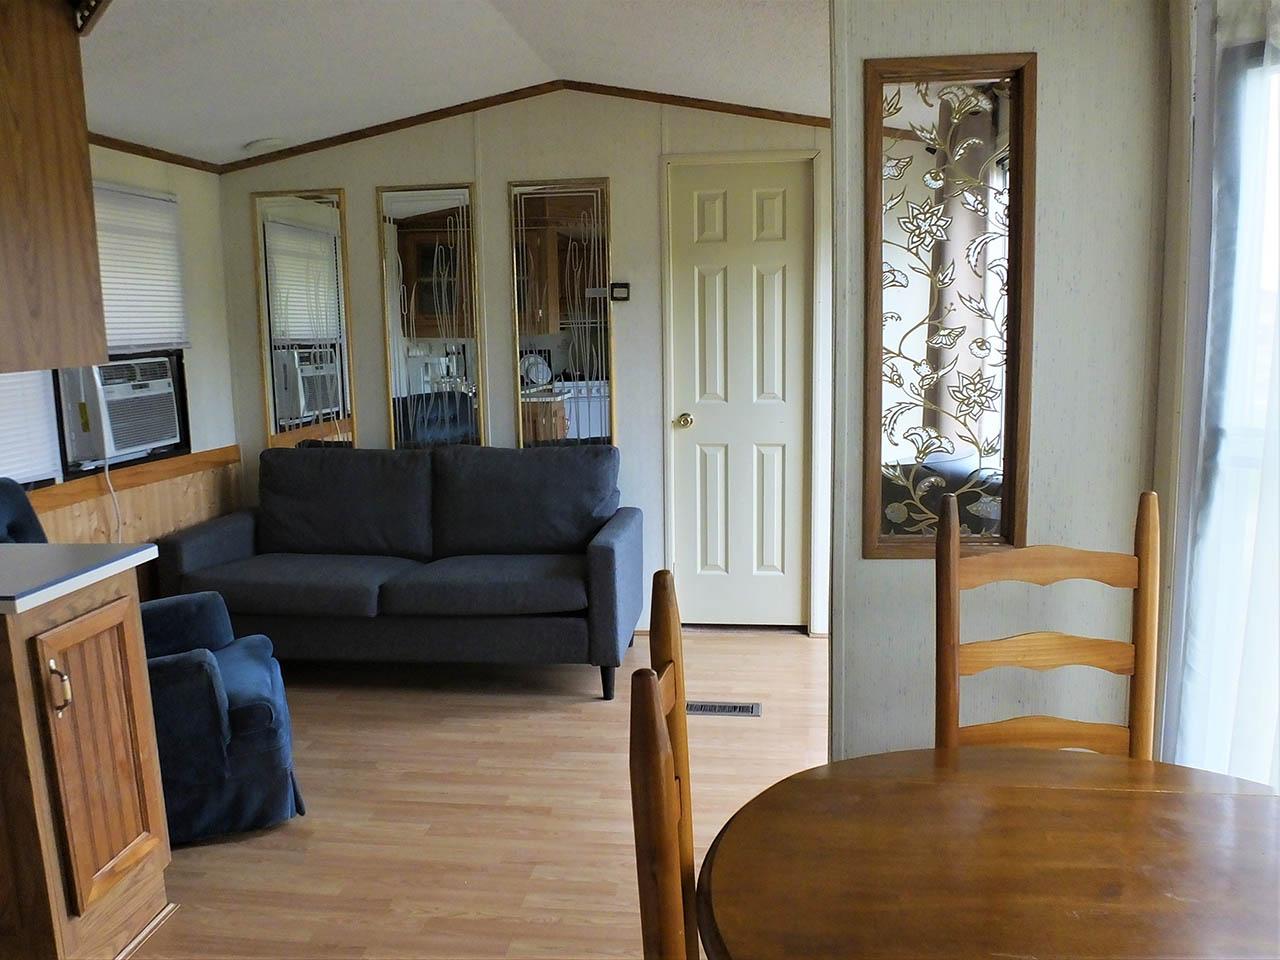 living area in park model trailer